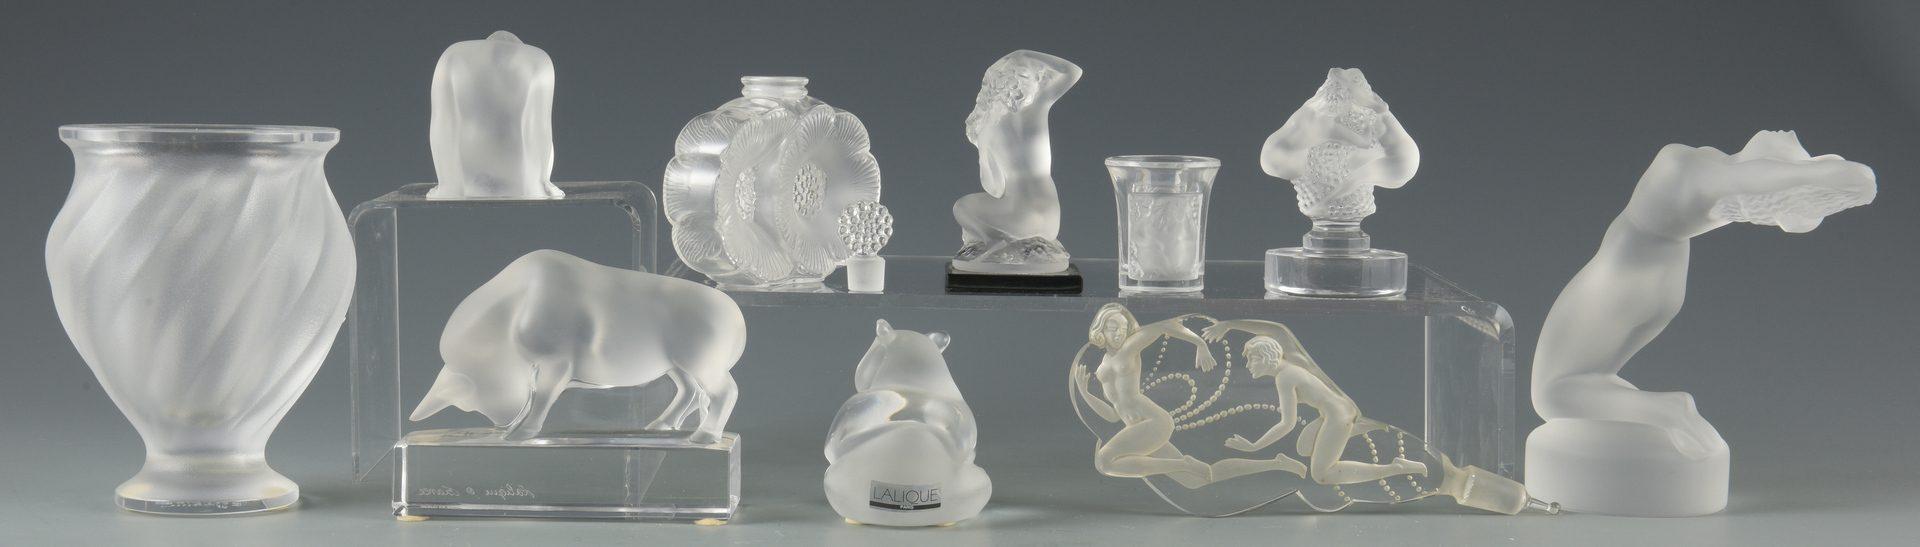 Lot 420: Group of Lalique Glassware, 10 pcs